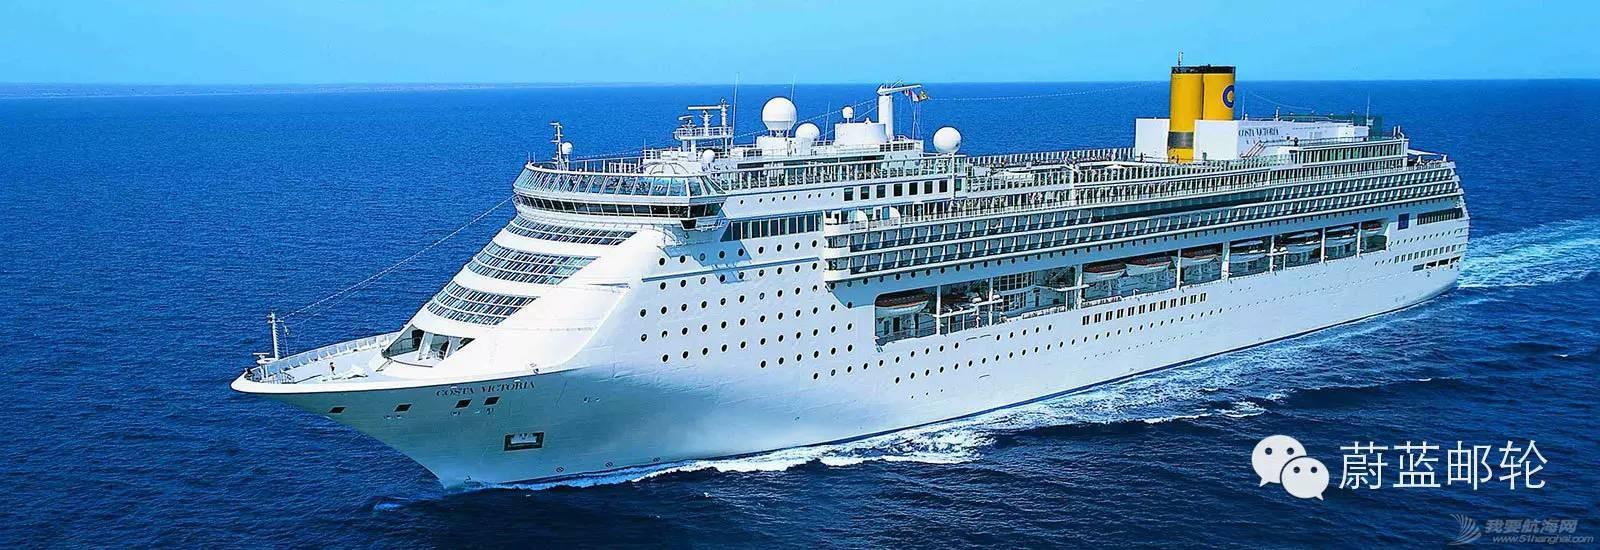 邮轮和邮轮旅游的基础知识(一) 24f52814d05eb1fbafefe359f0b23a5b.jpg